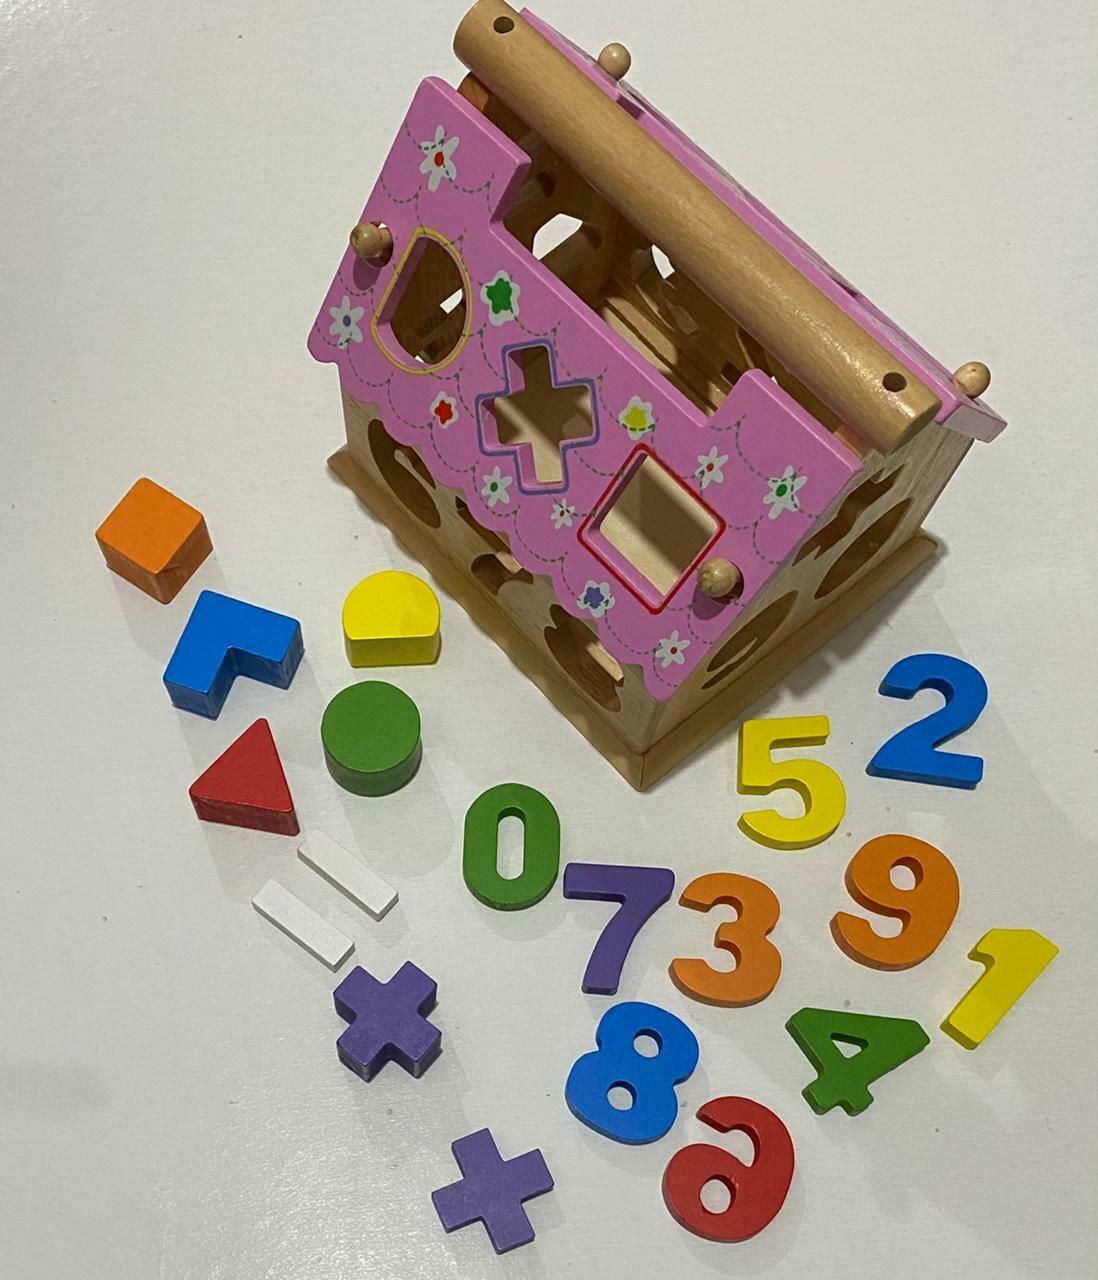 بيت خشب تعليمي - أرقام و أشكال